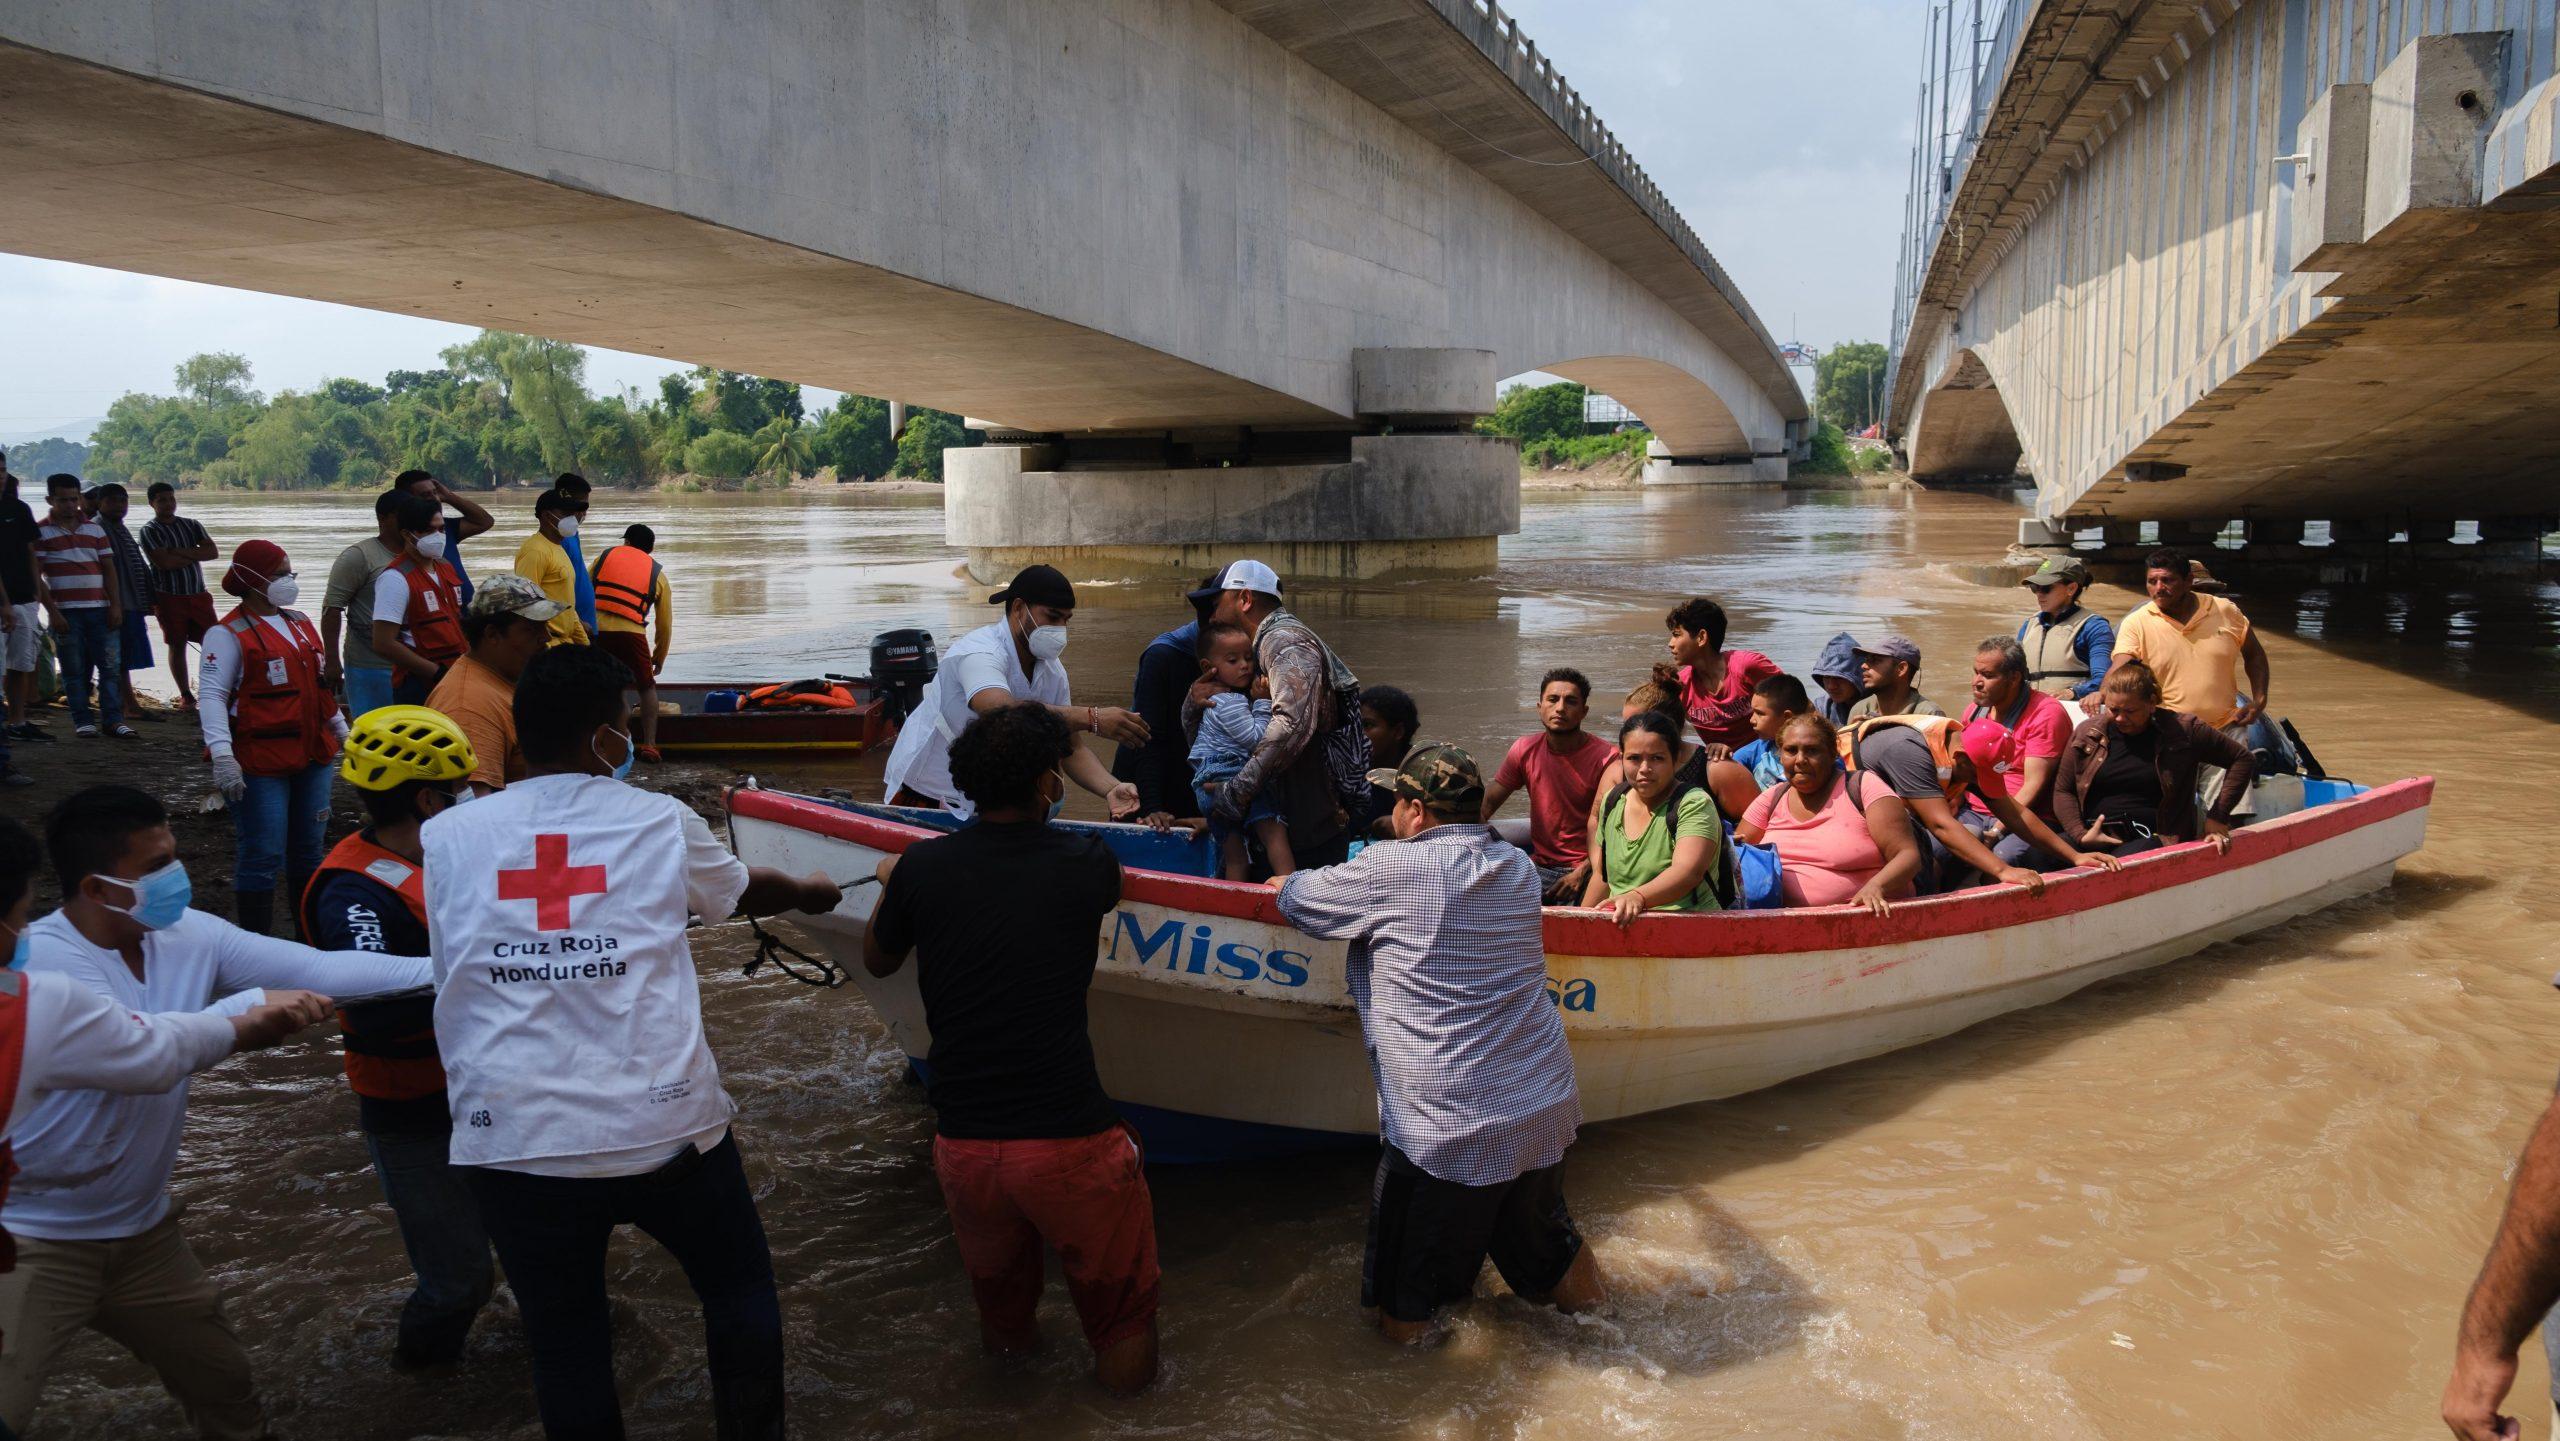 Una lancha llega al puente La Democracia tras rescatar varias personas del sector de Campo Monterrey. El Progreso, Yoro, 9 de noviembre 2020. Foto: Deiby Yanes.